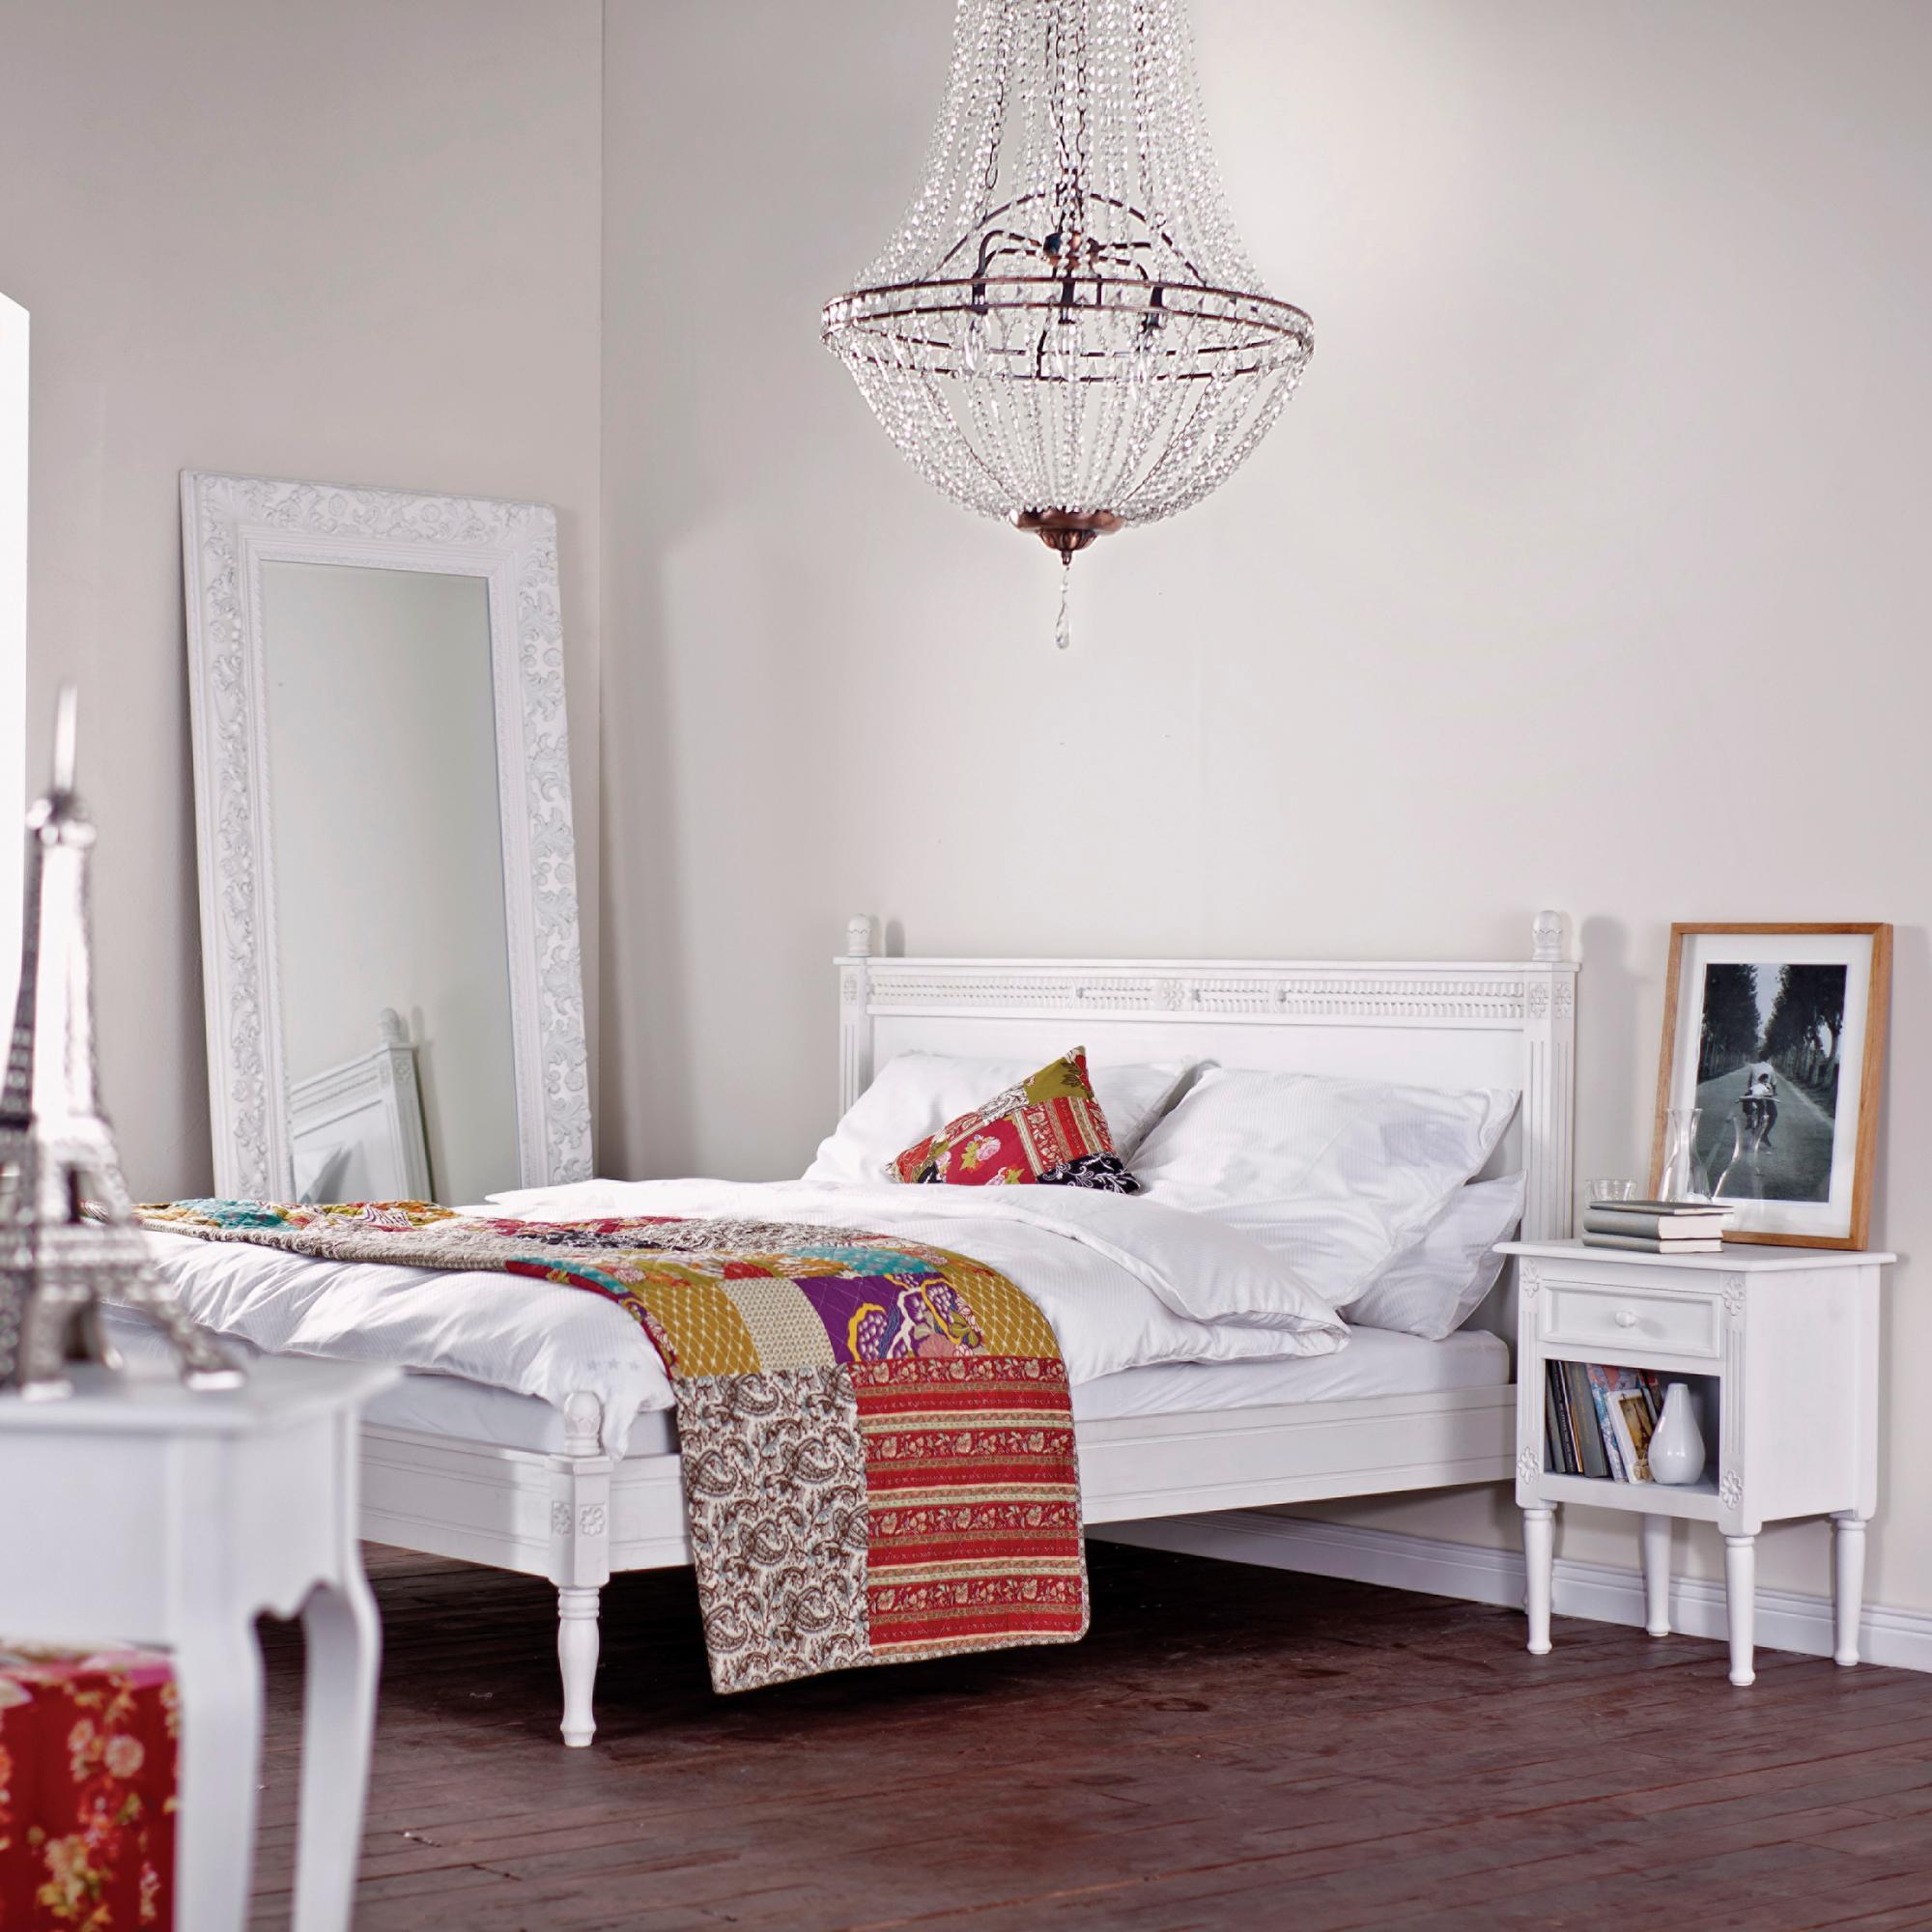 Kronleuchter im Schlafzimmer #bett #spiegel #bilderr...